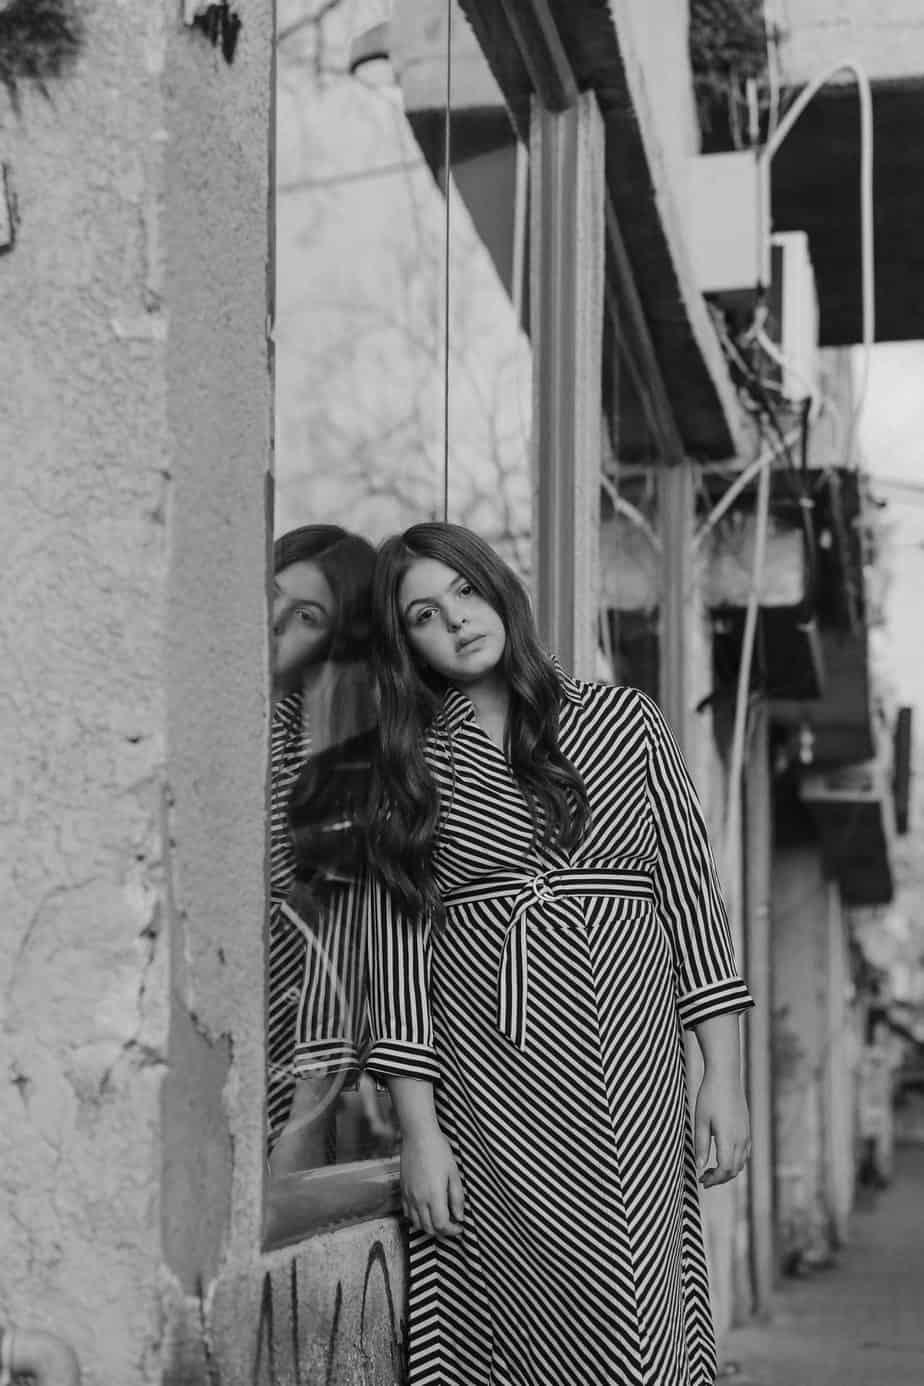 אור. שמלה: H&M. צילום: שלומית איציק - Fashion Israel - מגזין אופנה